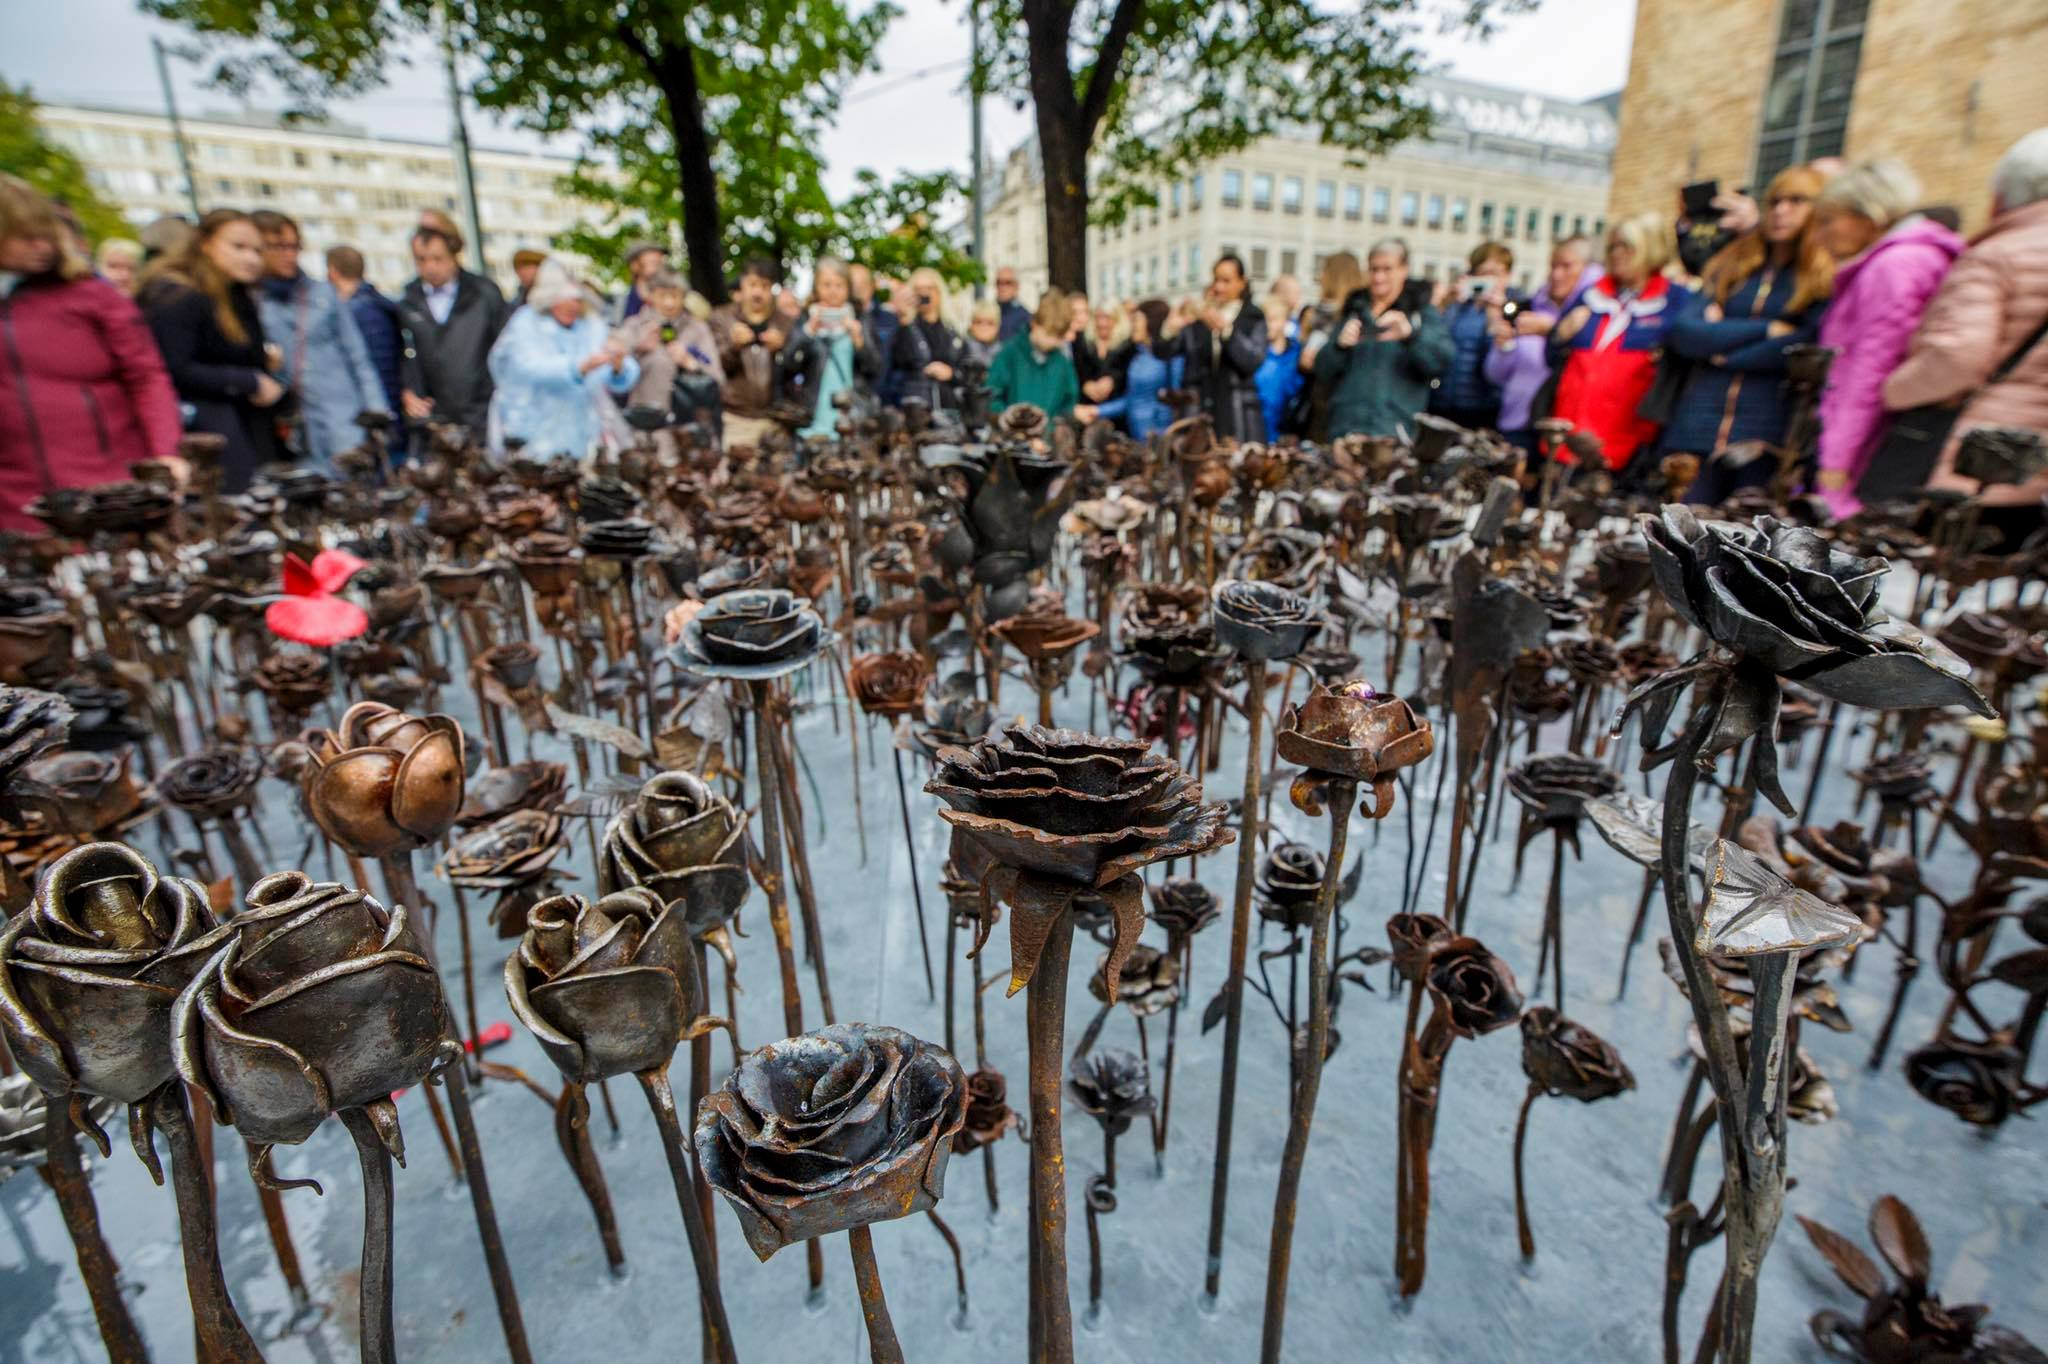 Inauguration du mémorial des 'Roses de fer' à Oslo